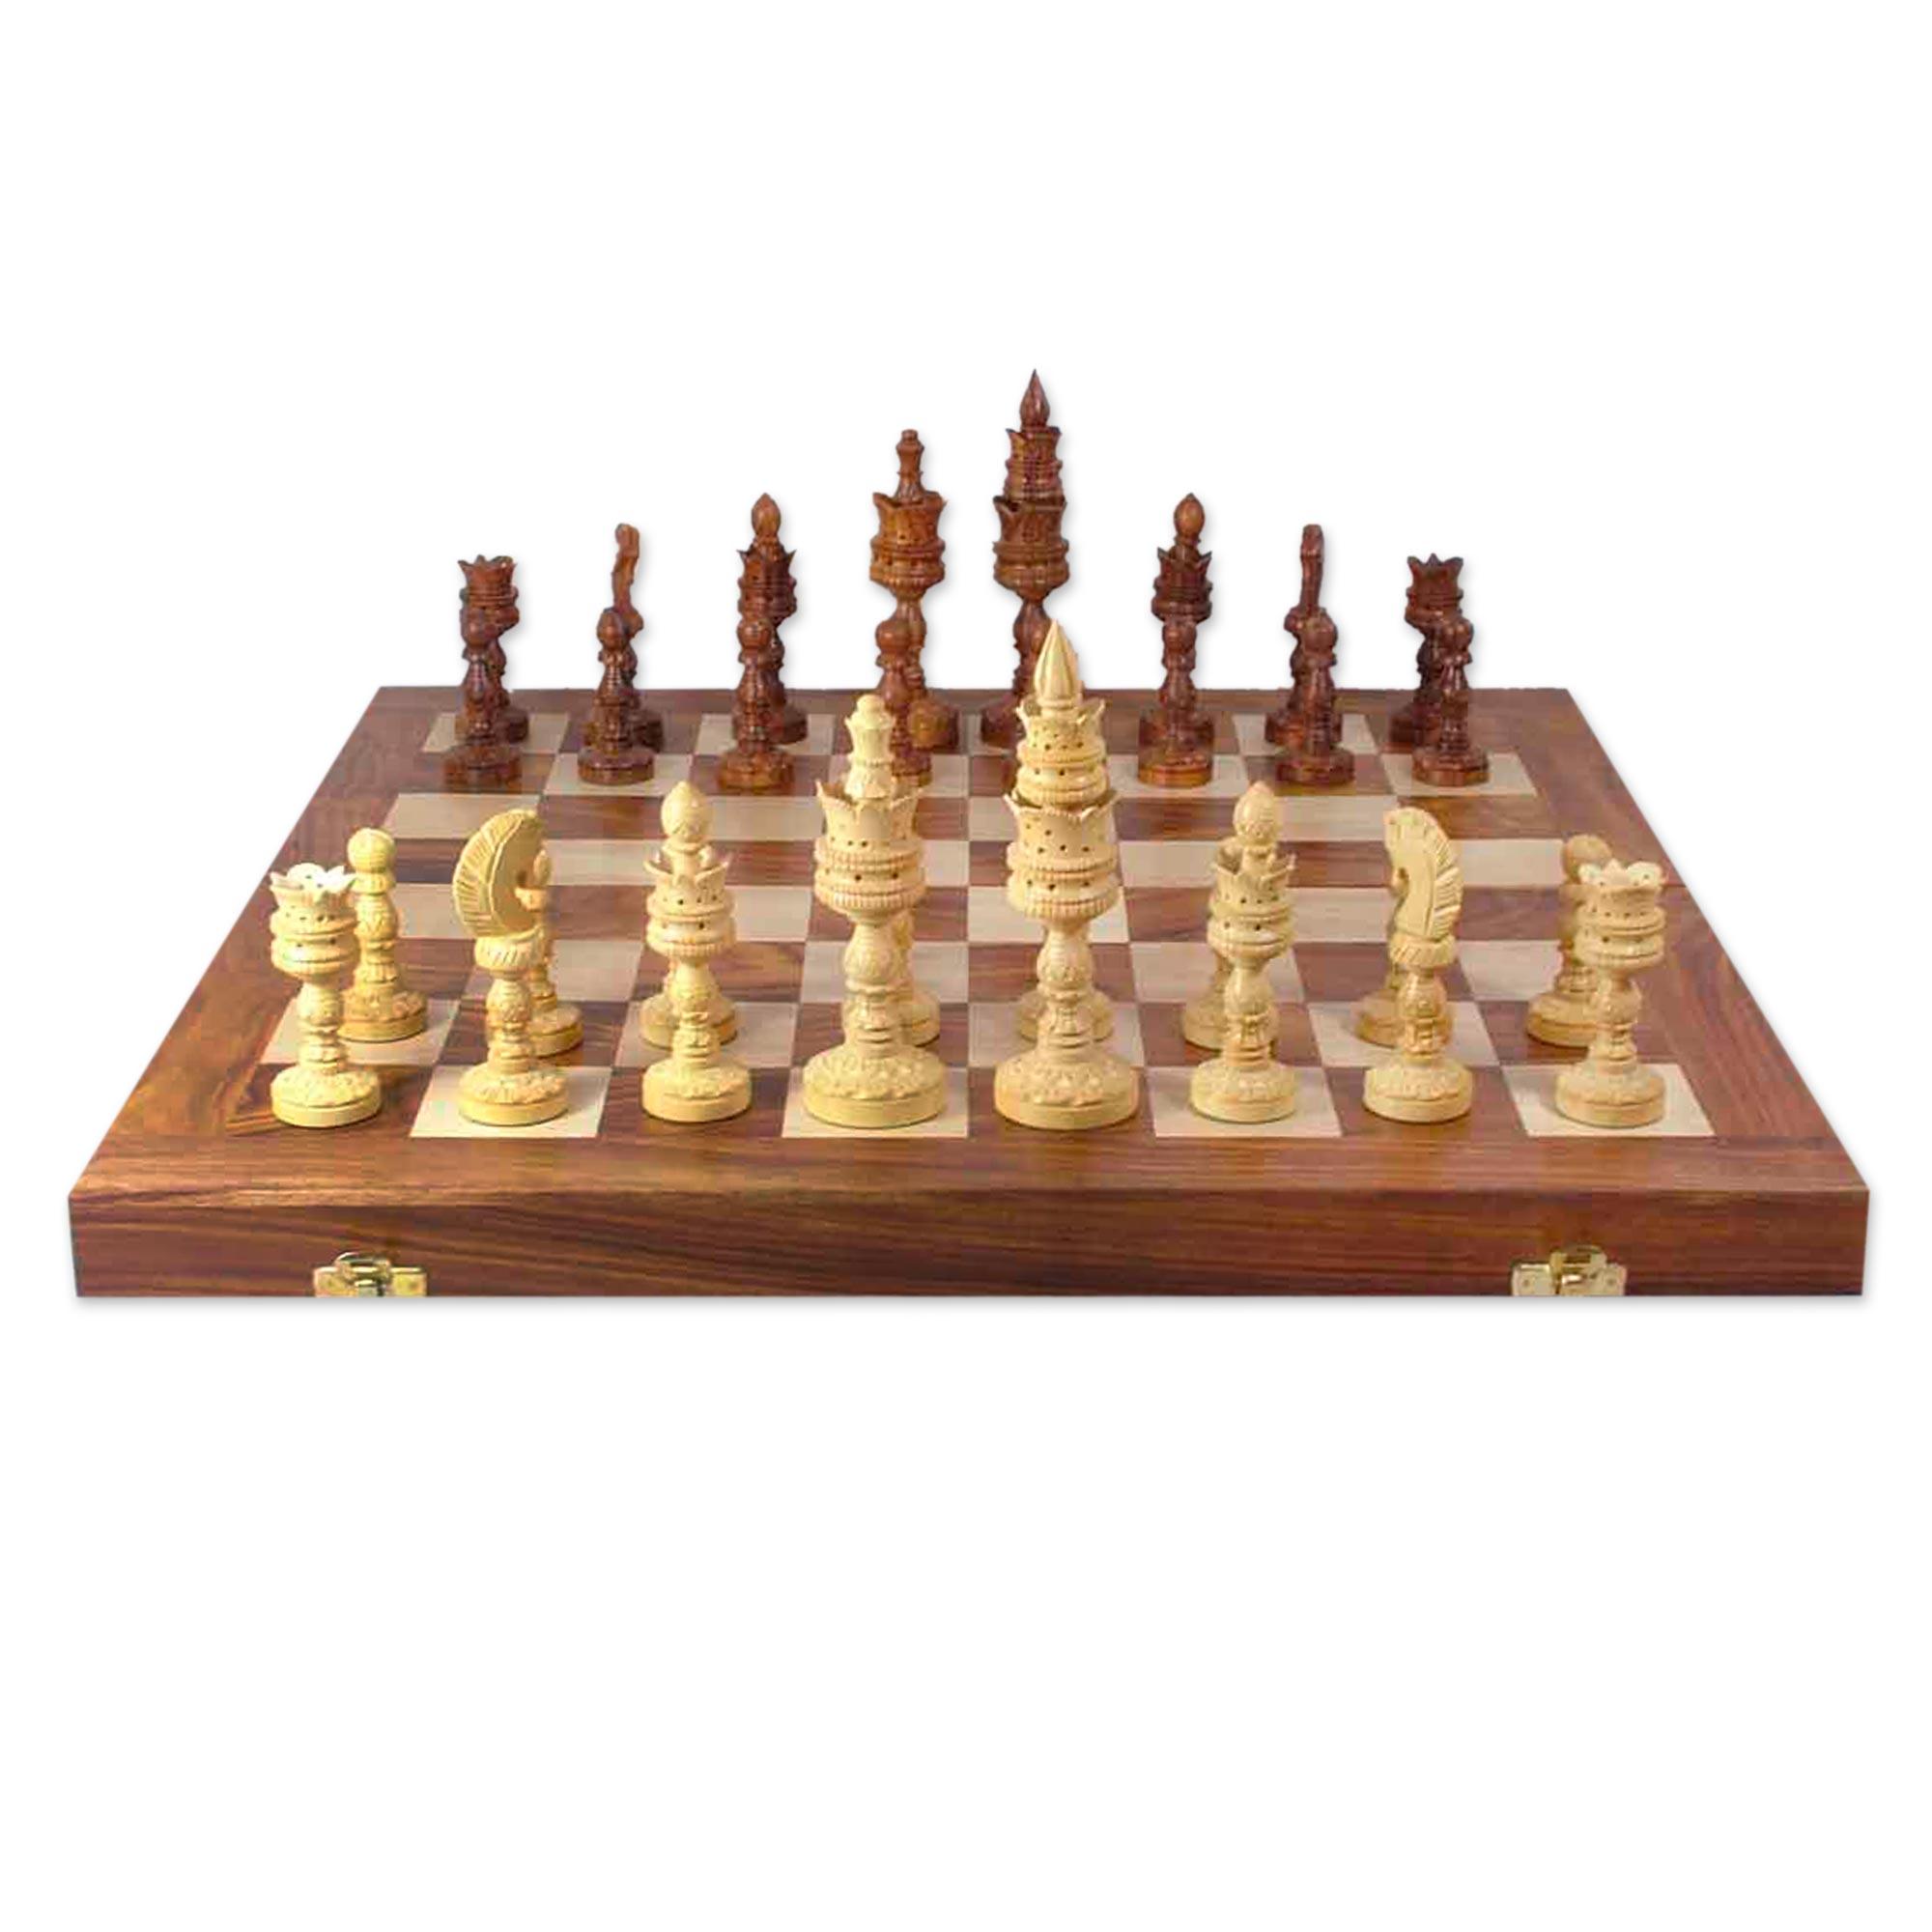 Unicef uk market wood chess set hand crafted game for Hand crafted chess set